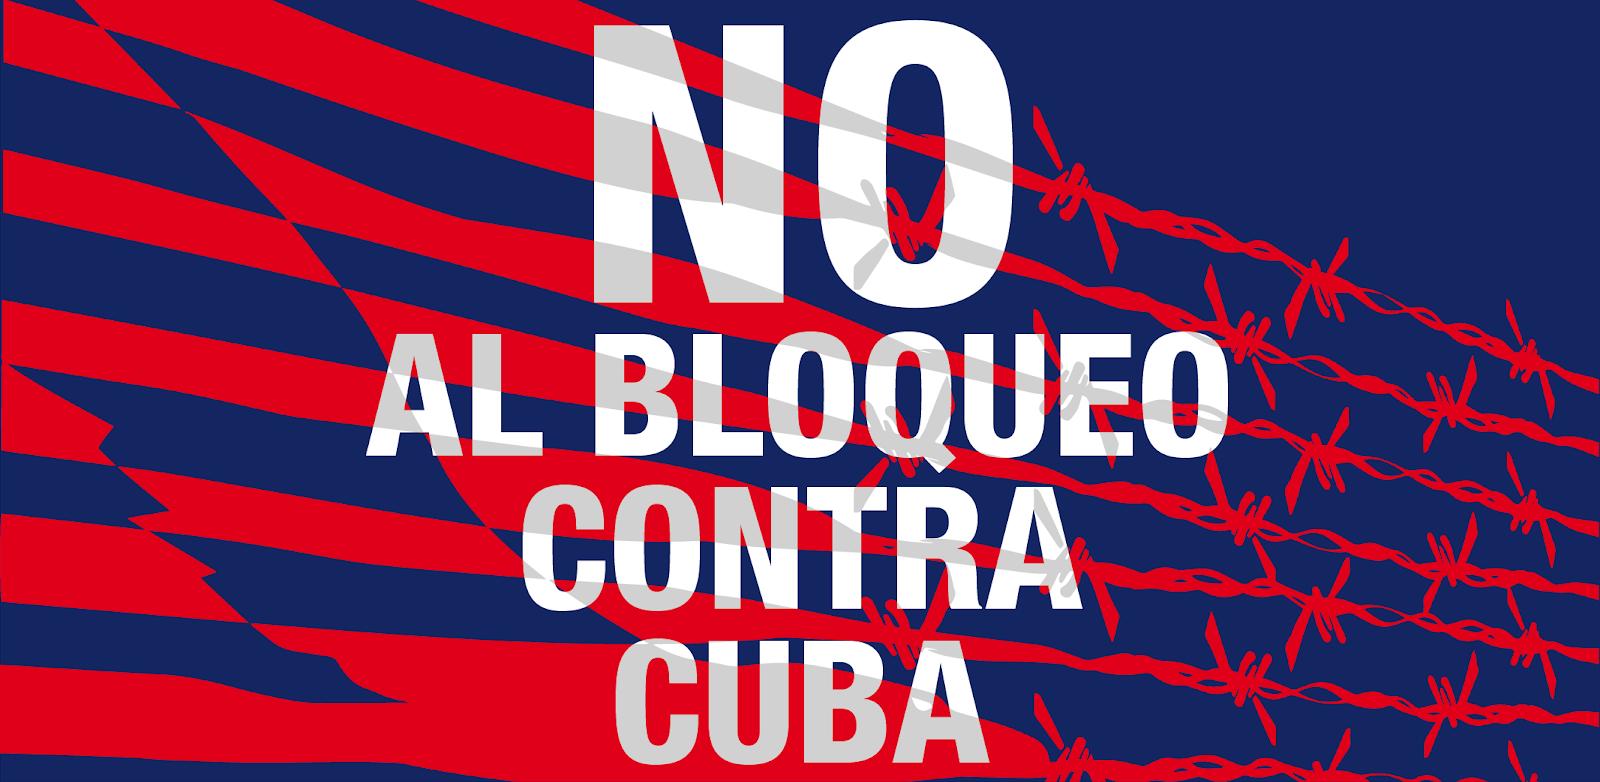 ¡Desbloquea Cuba!